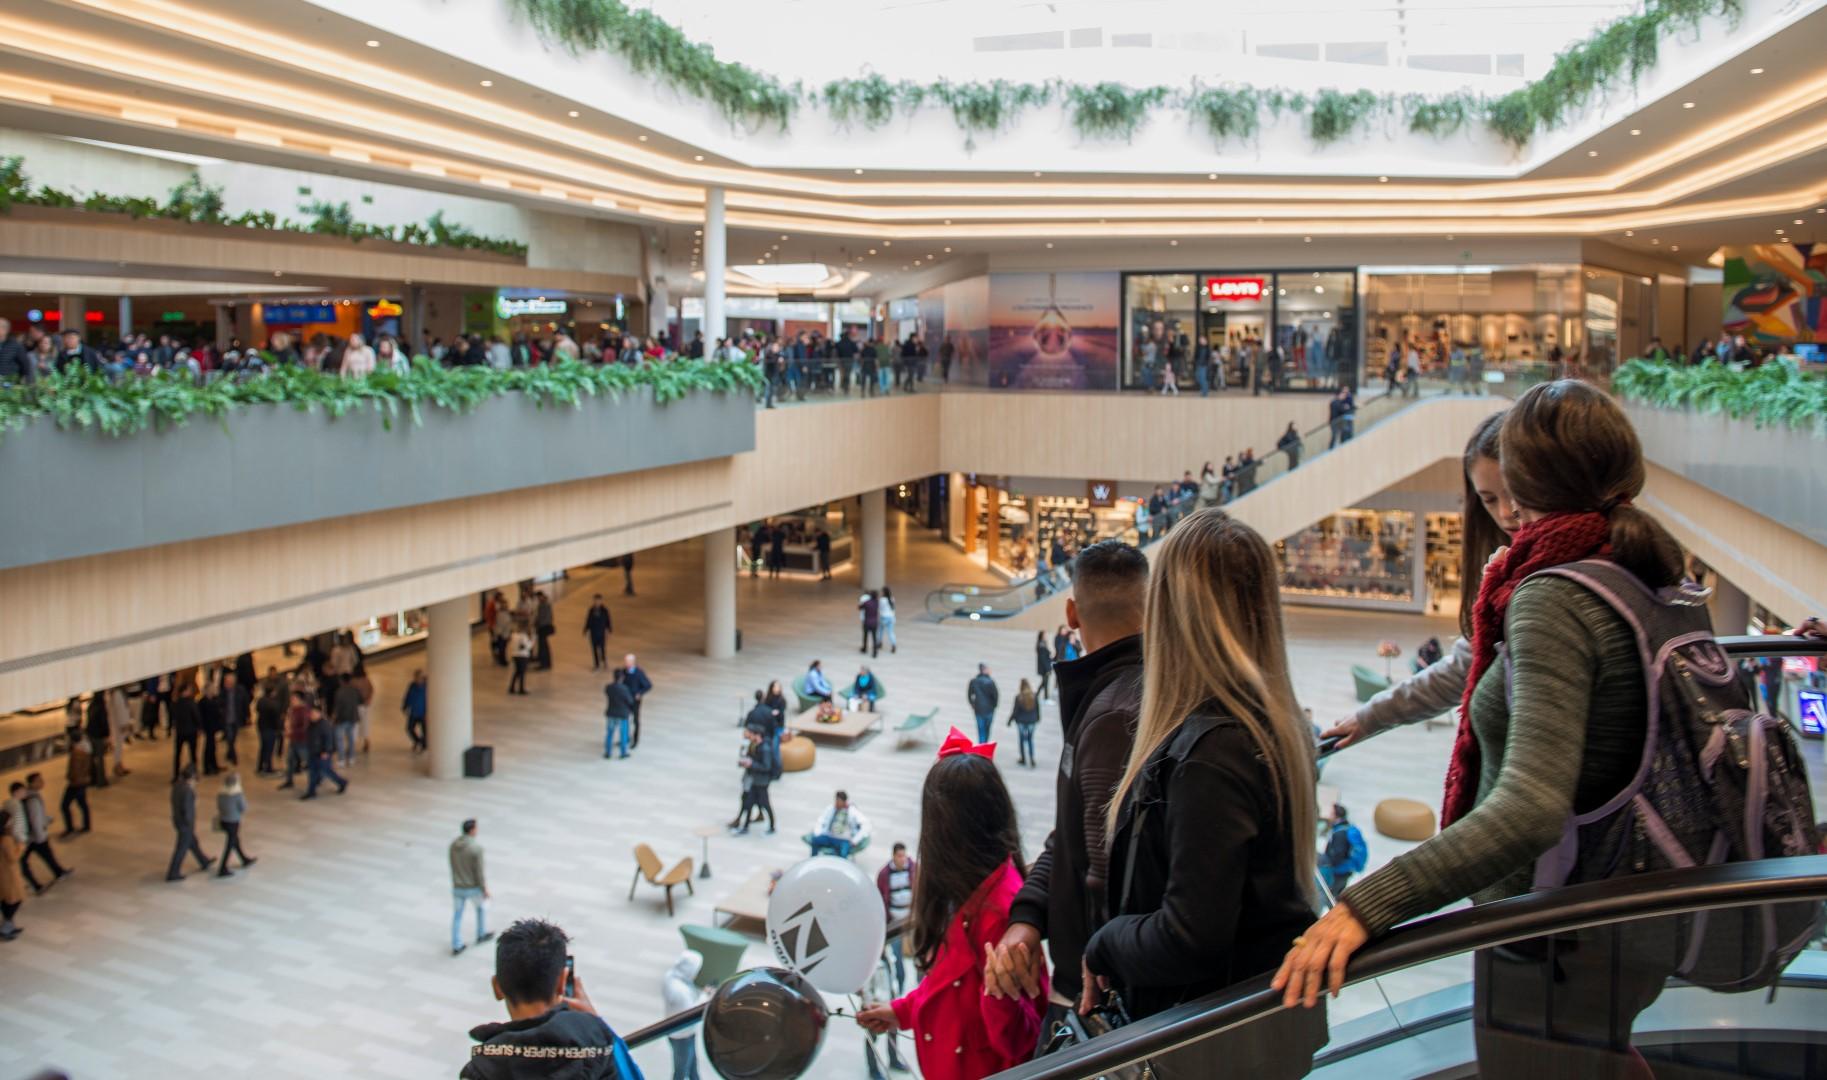 """A planta do shopping foi pensada para que os corredores formassem o número """"oito"""". Foto: Letícia Akemi / Gazeta do Povo"""